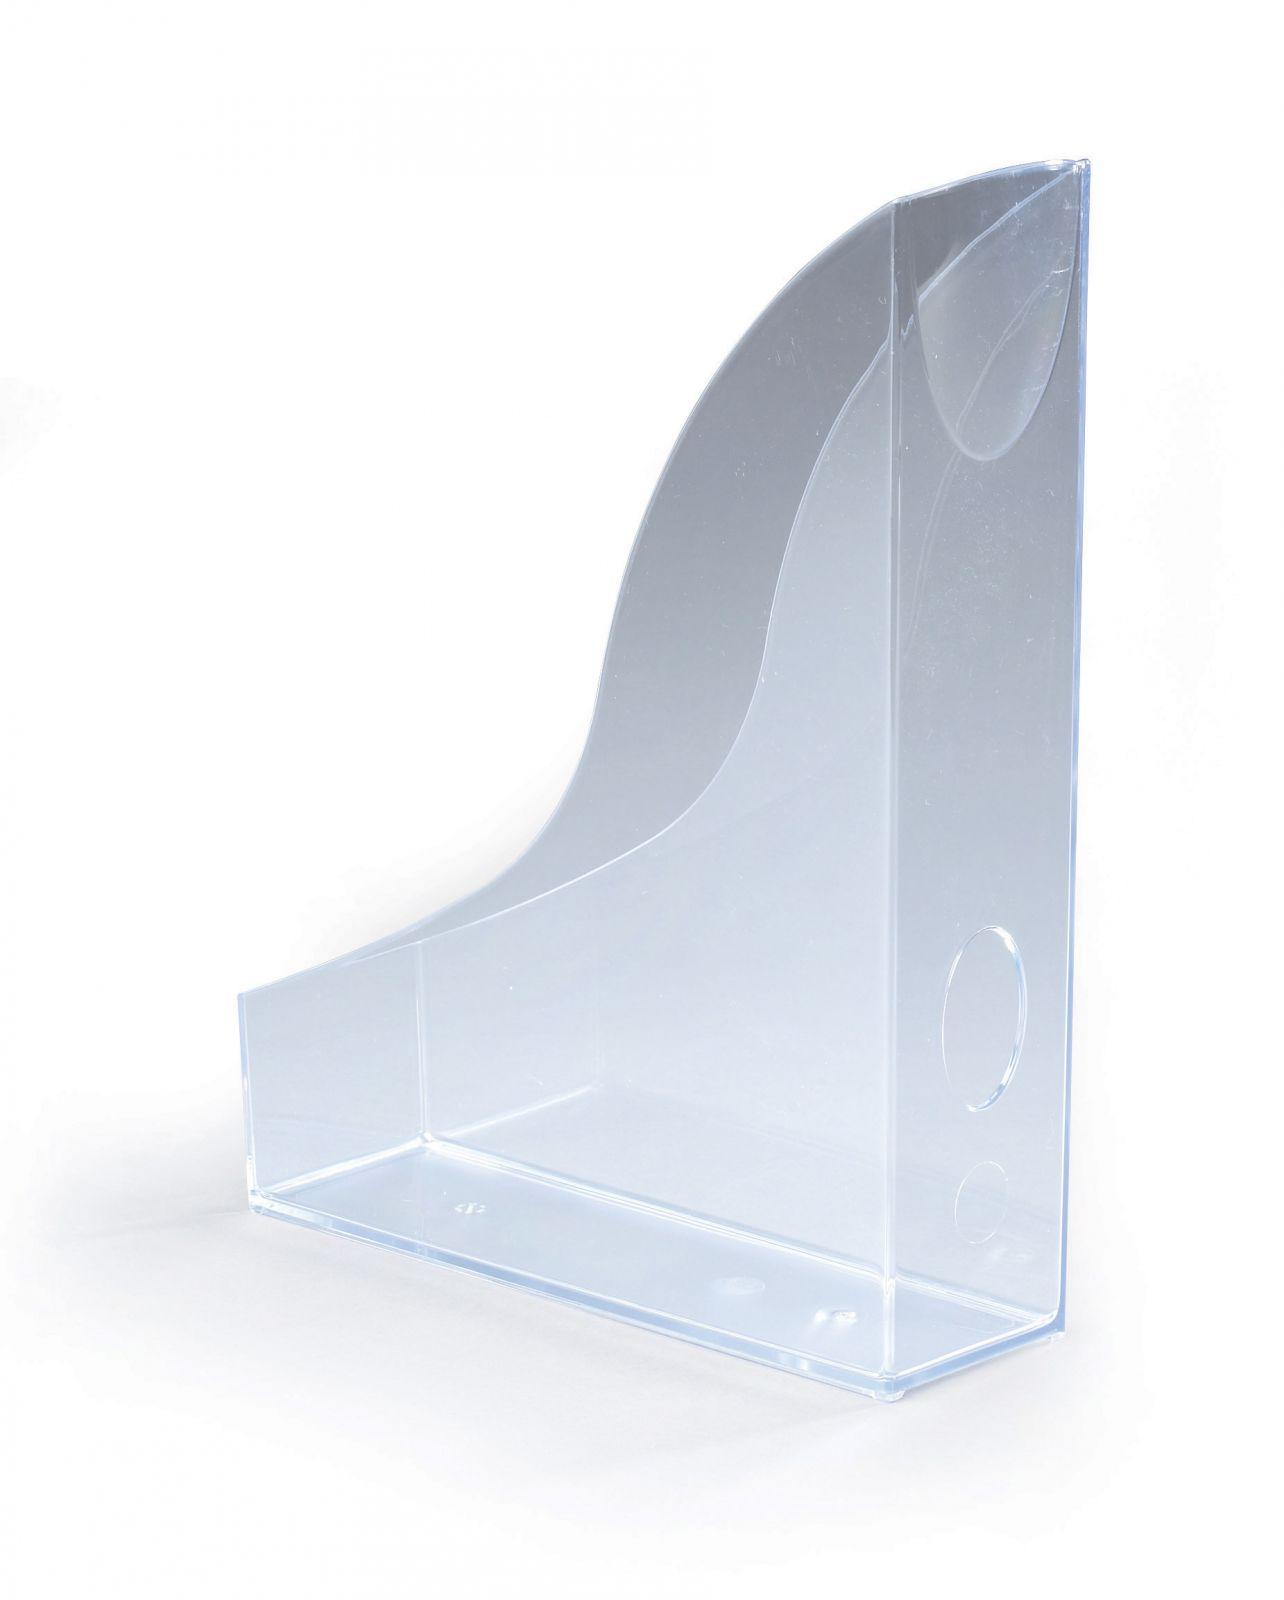 Úložné boxy - sada 6 kusů - Transparentní